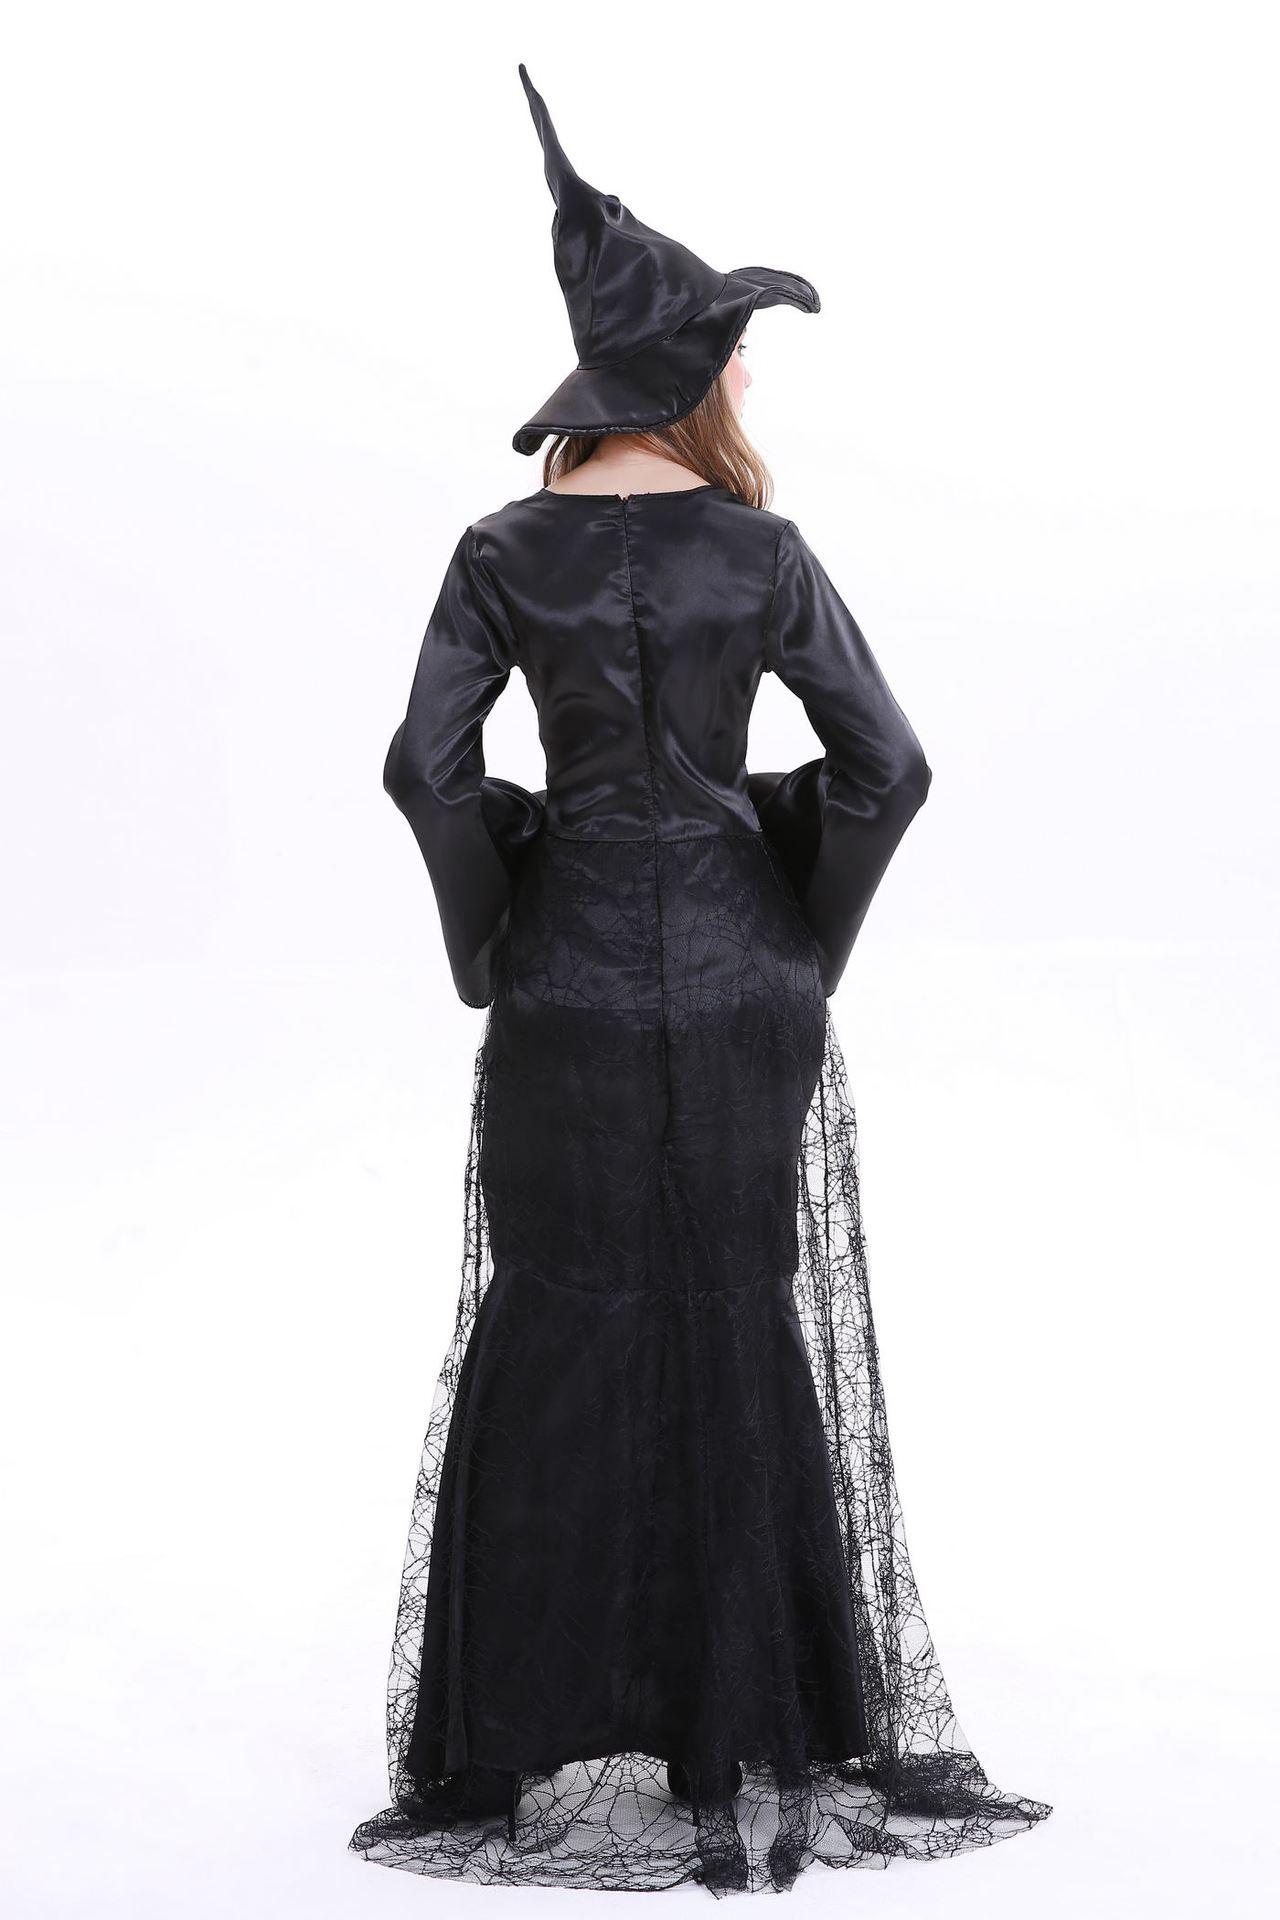 コスプレ魔法使いの舞台キャラクターが、魔女の黒の蜘蛛の巣ハロウィンカーニバルの新作女性を演じます。